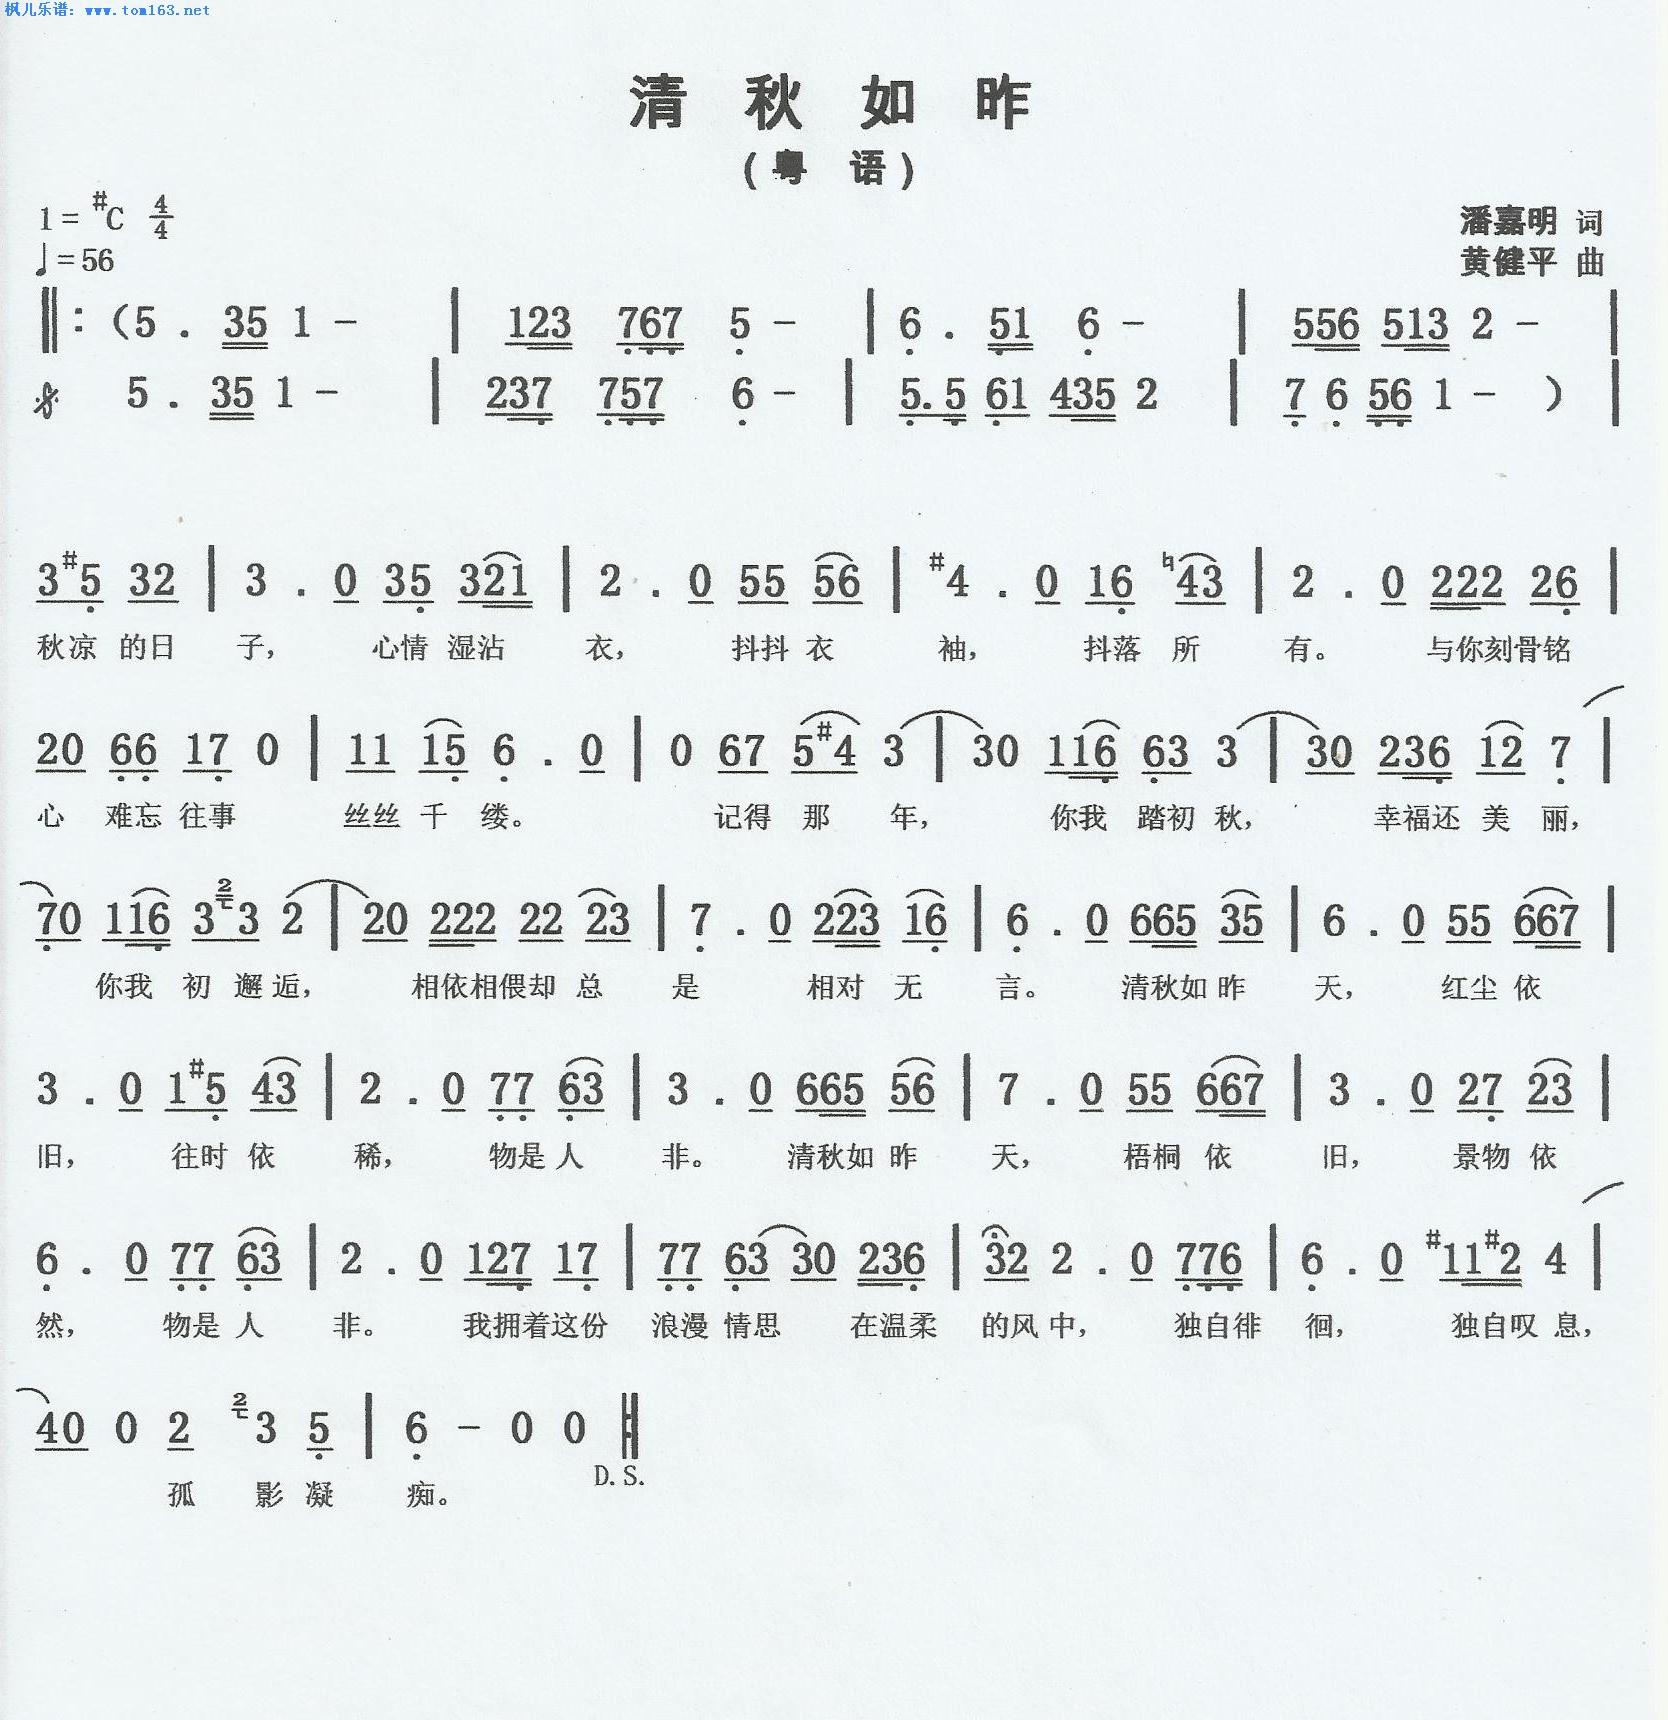 清秋如昨(粤语歌曲)简谱